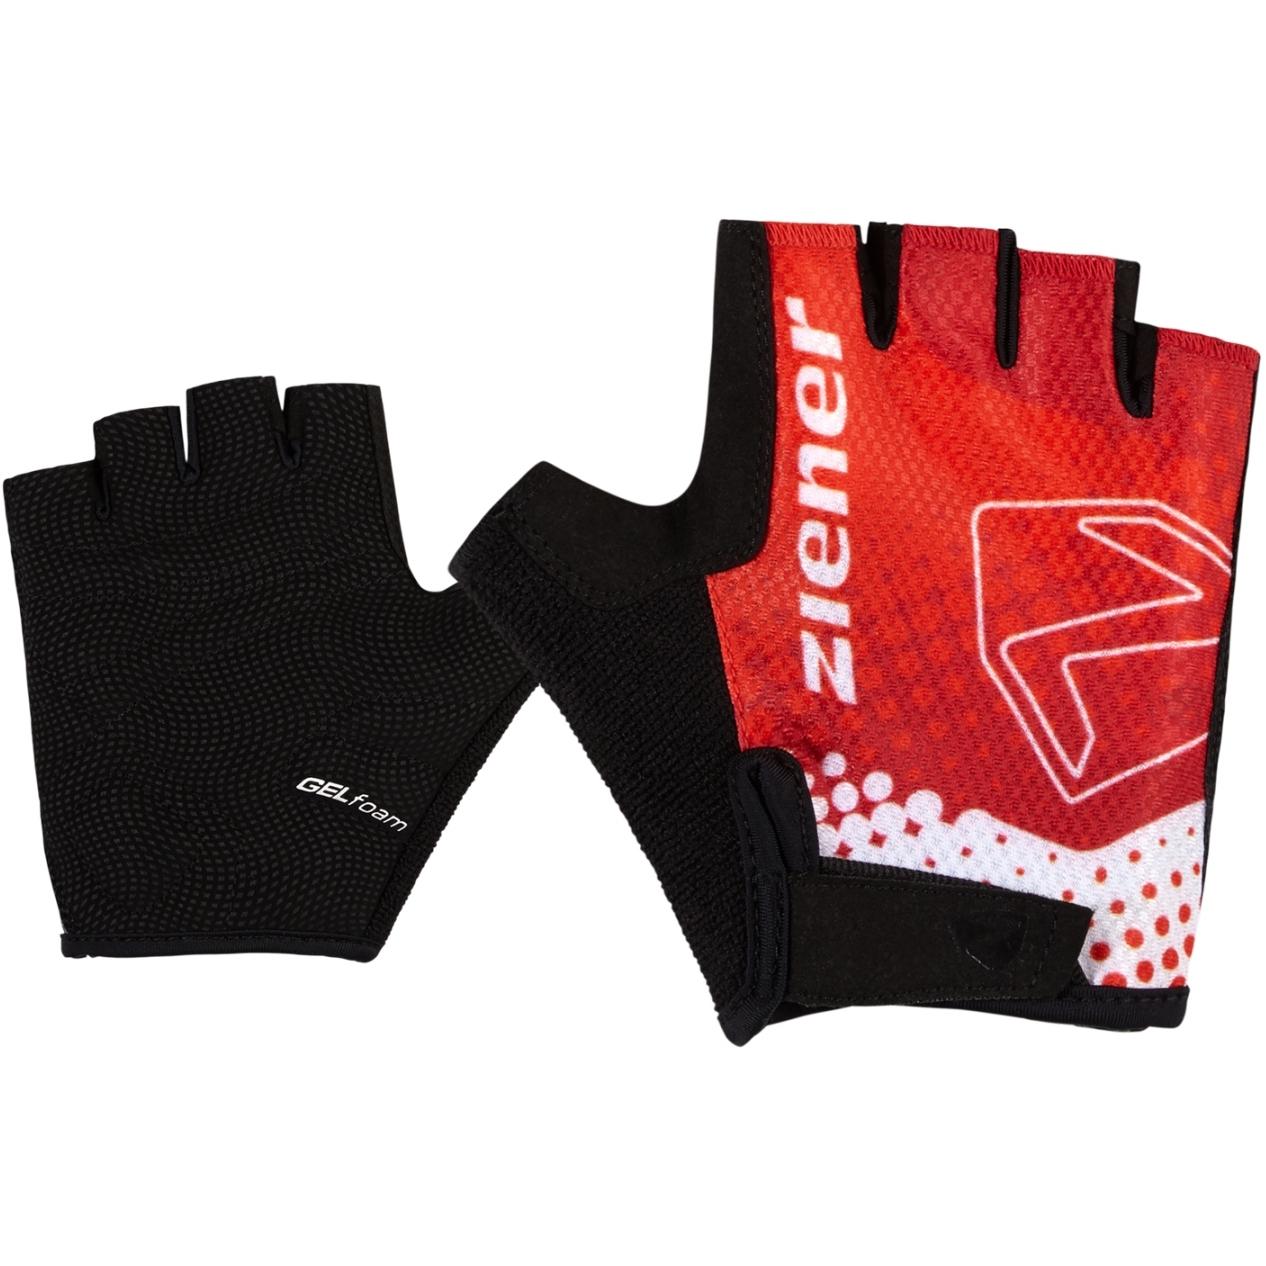 Ziener Curto Junior Fahrradhandschuhe - new red